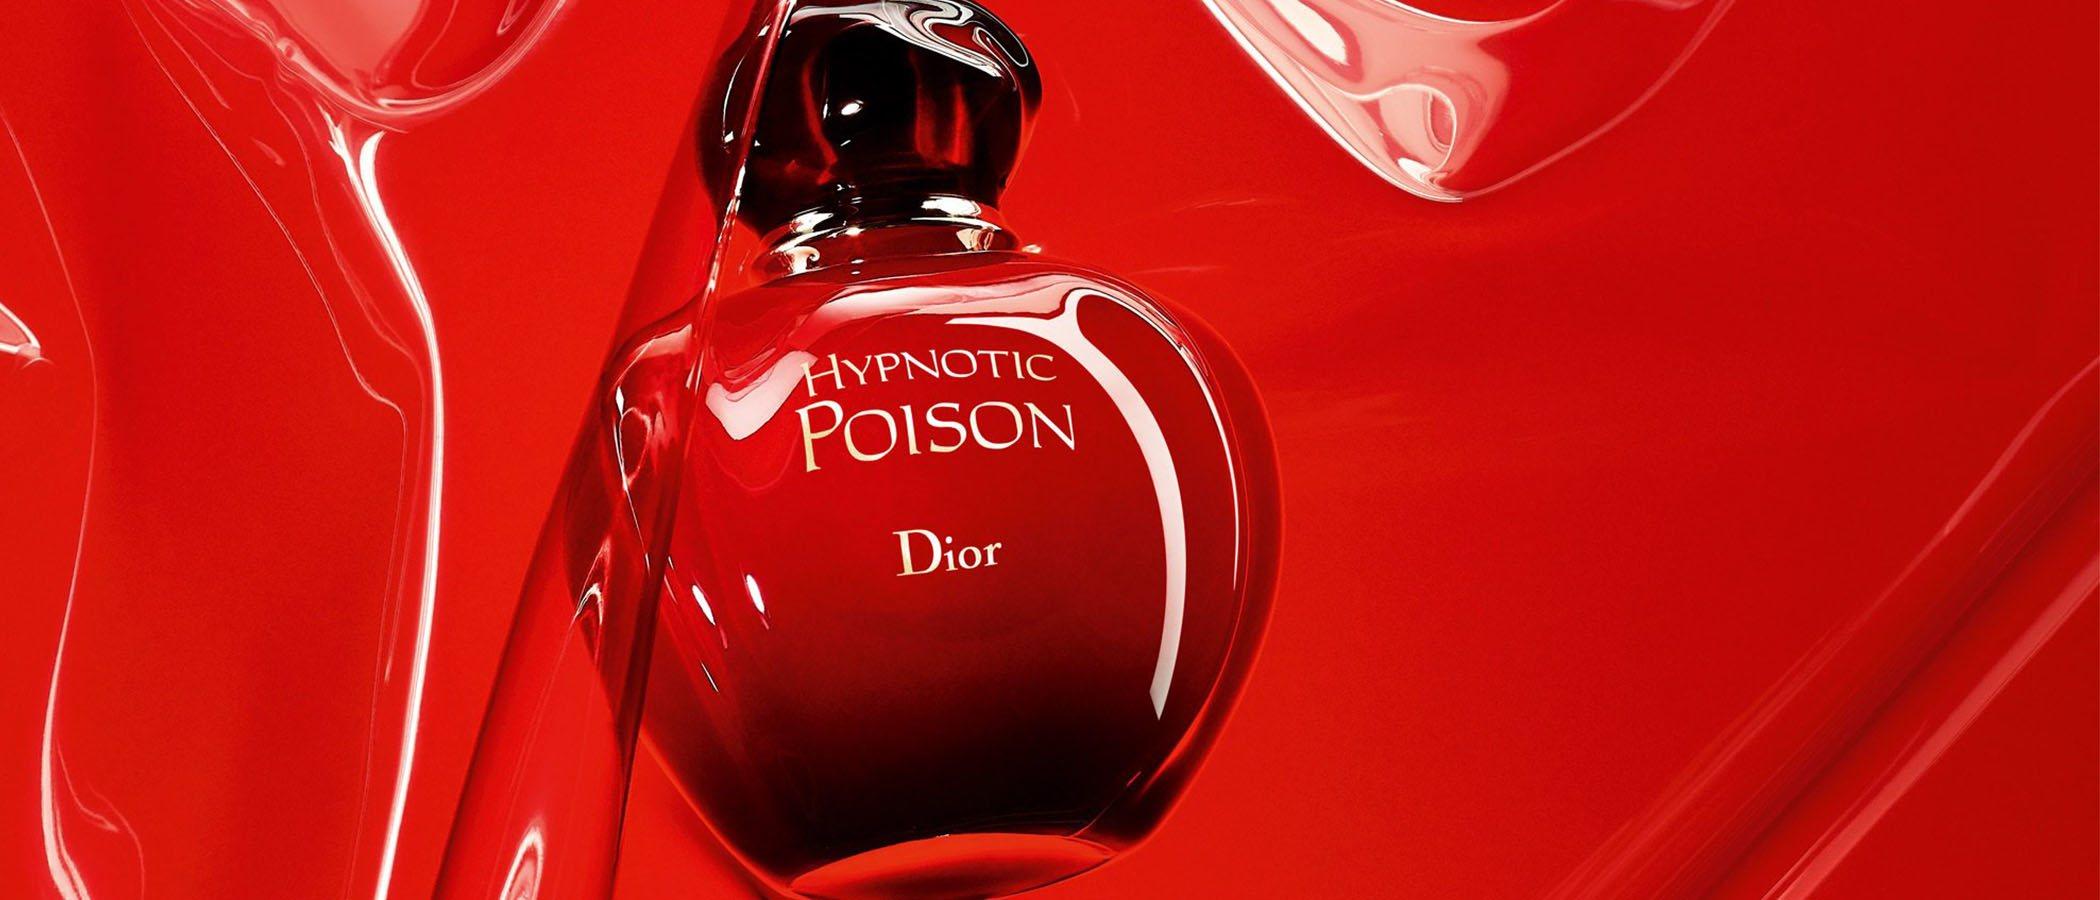 Dior presenta su fragancia 'Hypnotic Poison' con 'Roller Pearl', un nuevo formato de aplicación para perfumes